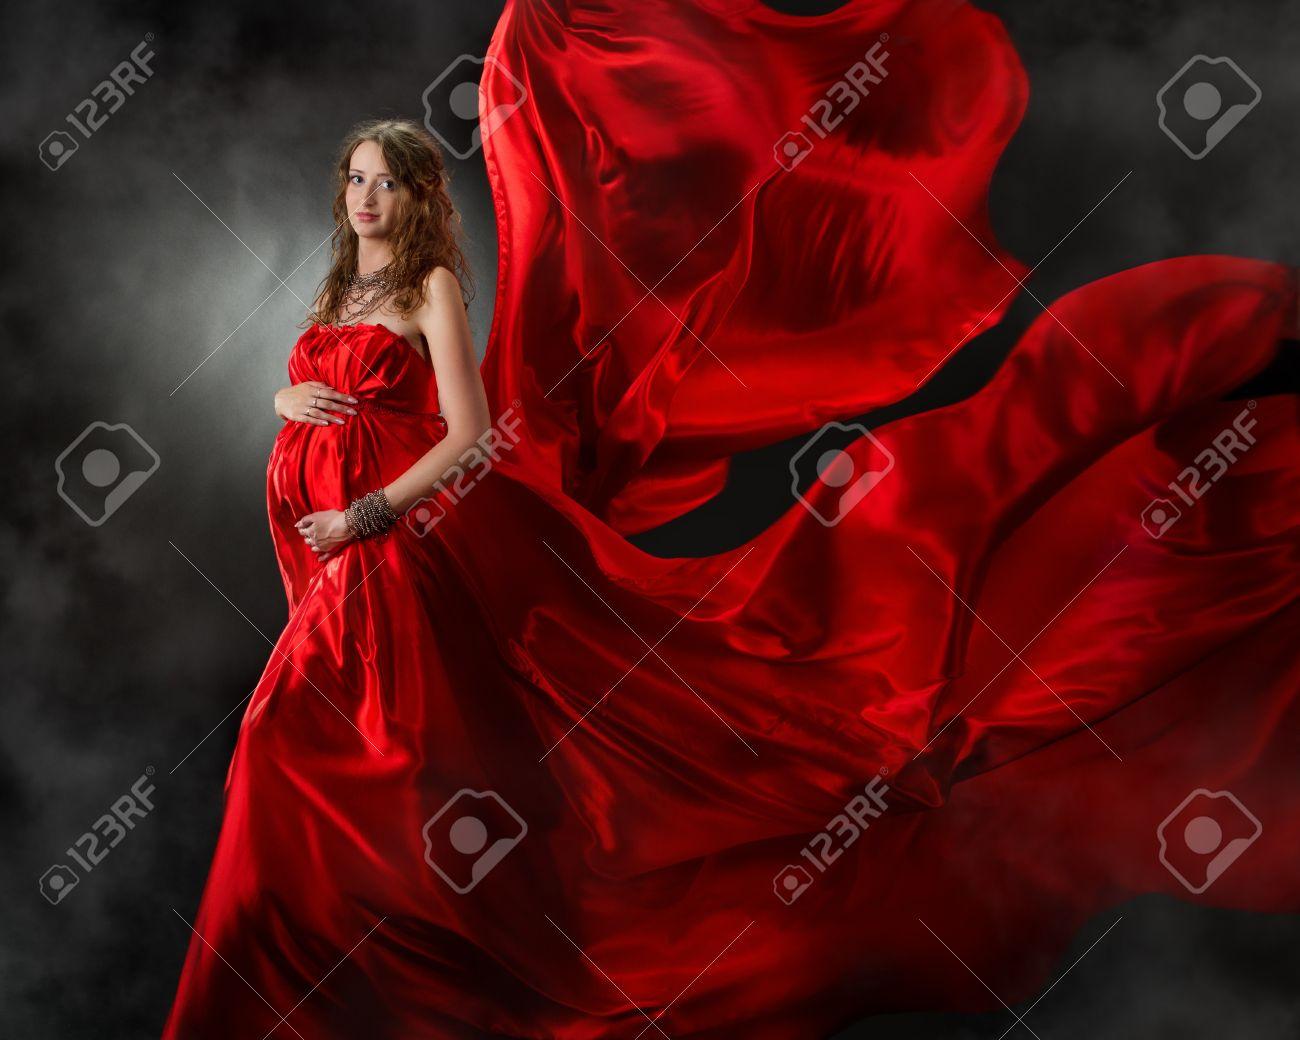 Robe de soiree rouge femme enceinte